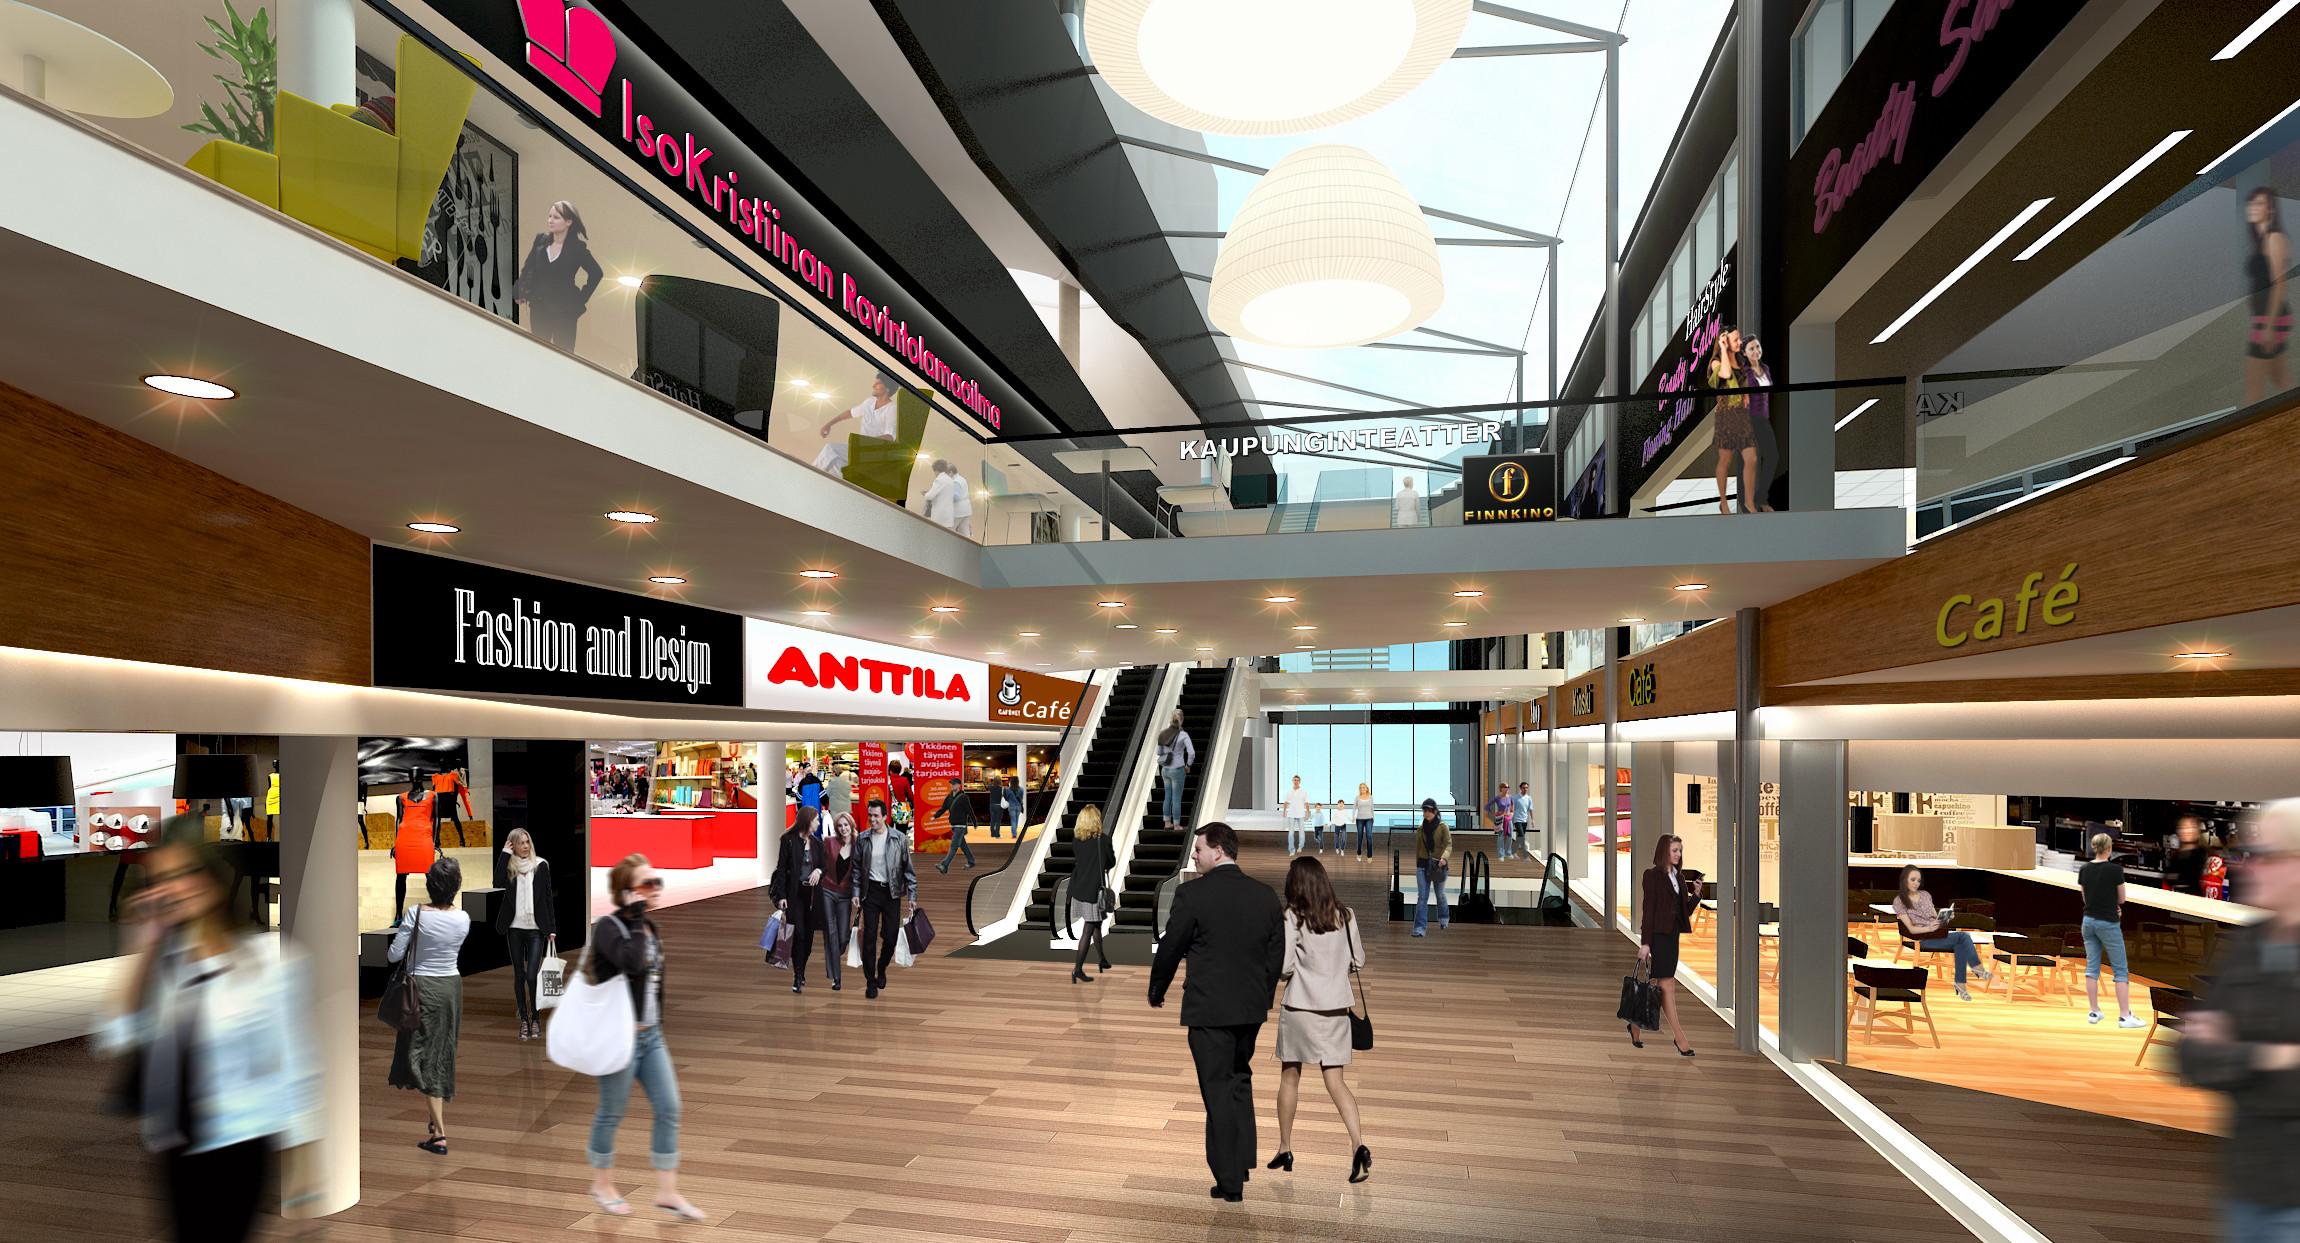 e64904f6e 30 сентября в торговом центре IsoKristiina открываются новые магазины:  Iittala Outlet, Tokmanni, магазин детской одежды Lasten Vaatekaappi.